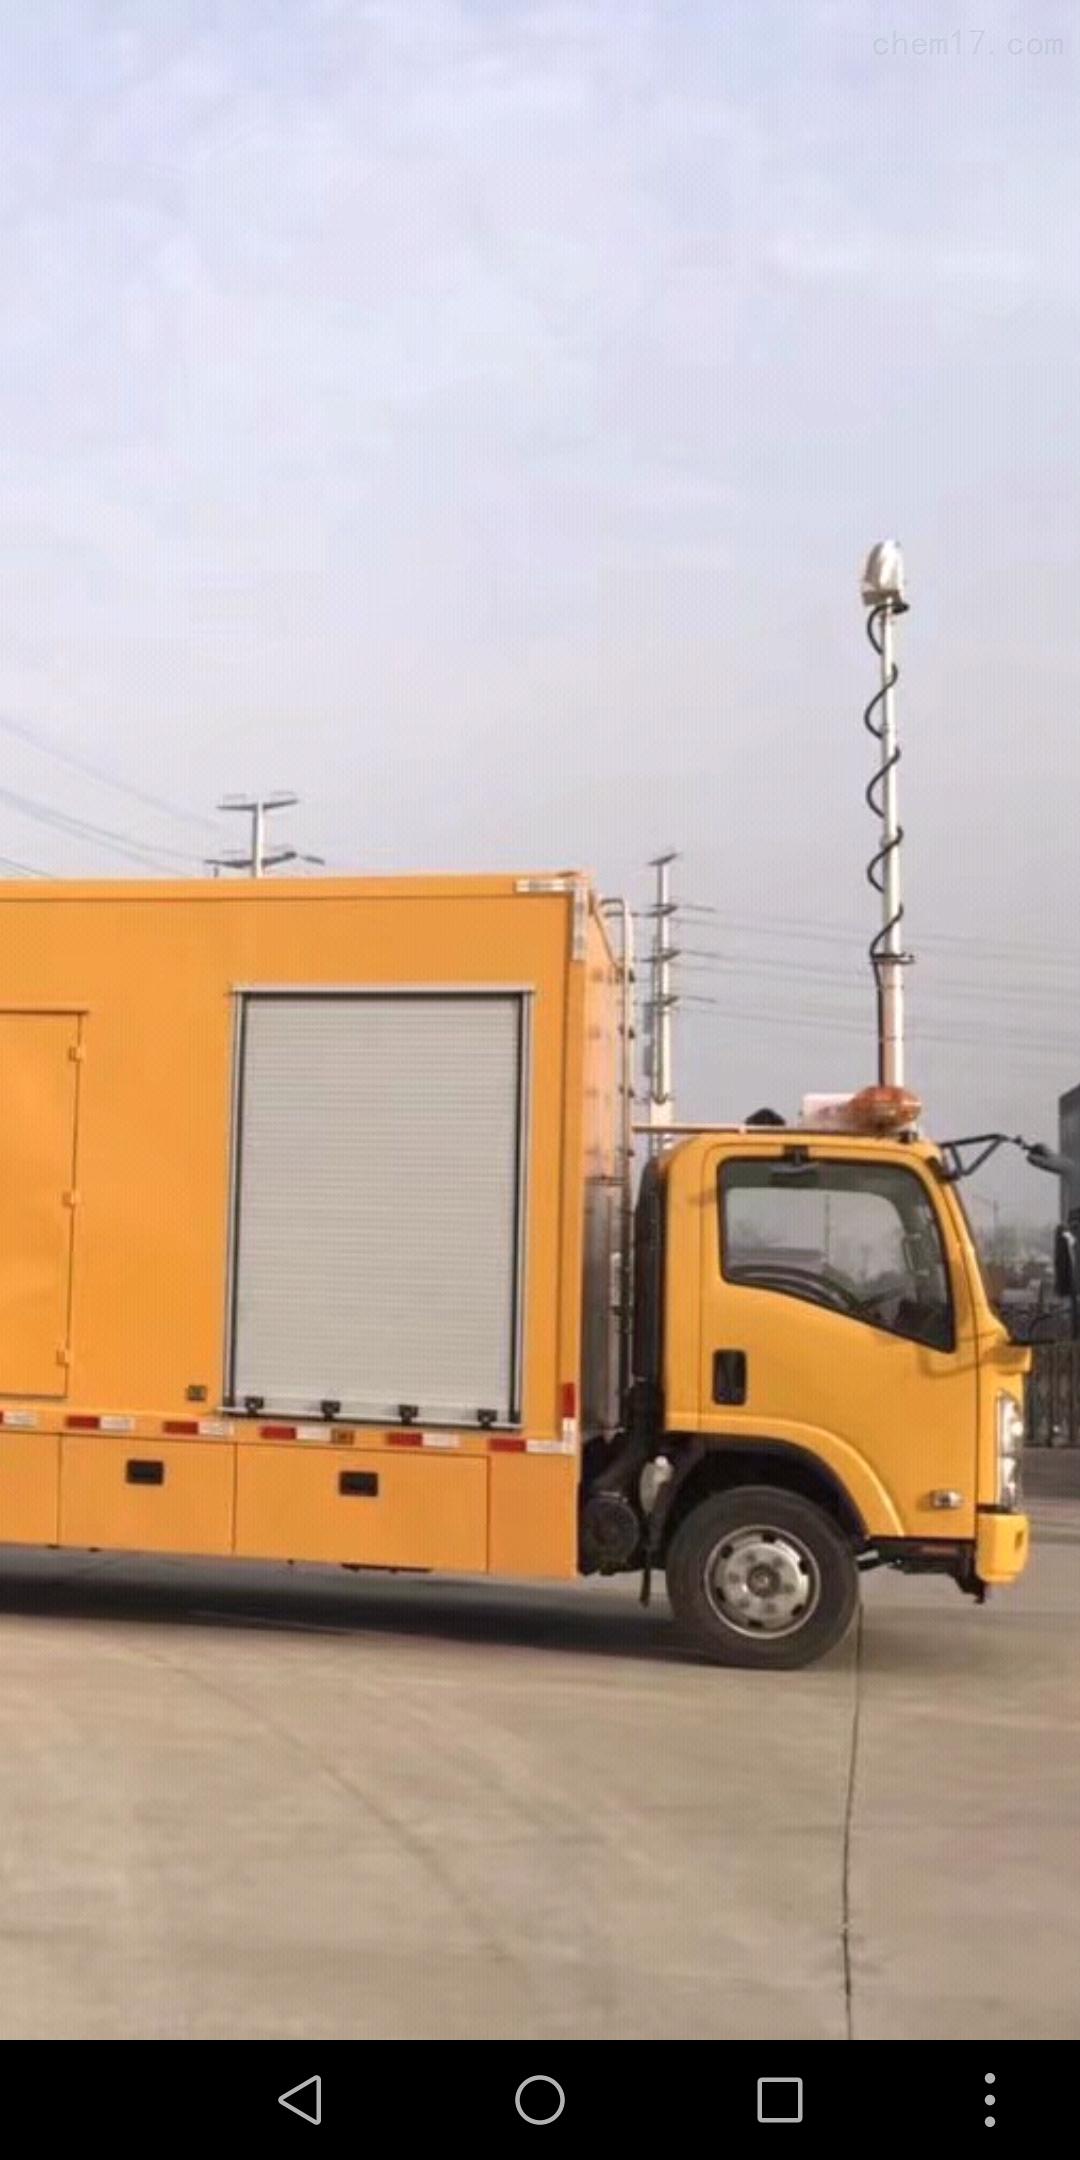 皮卡车顶照明,3.5米移动照明装置,售后维护